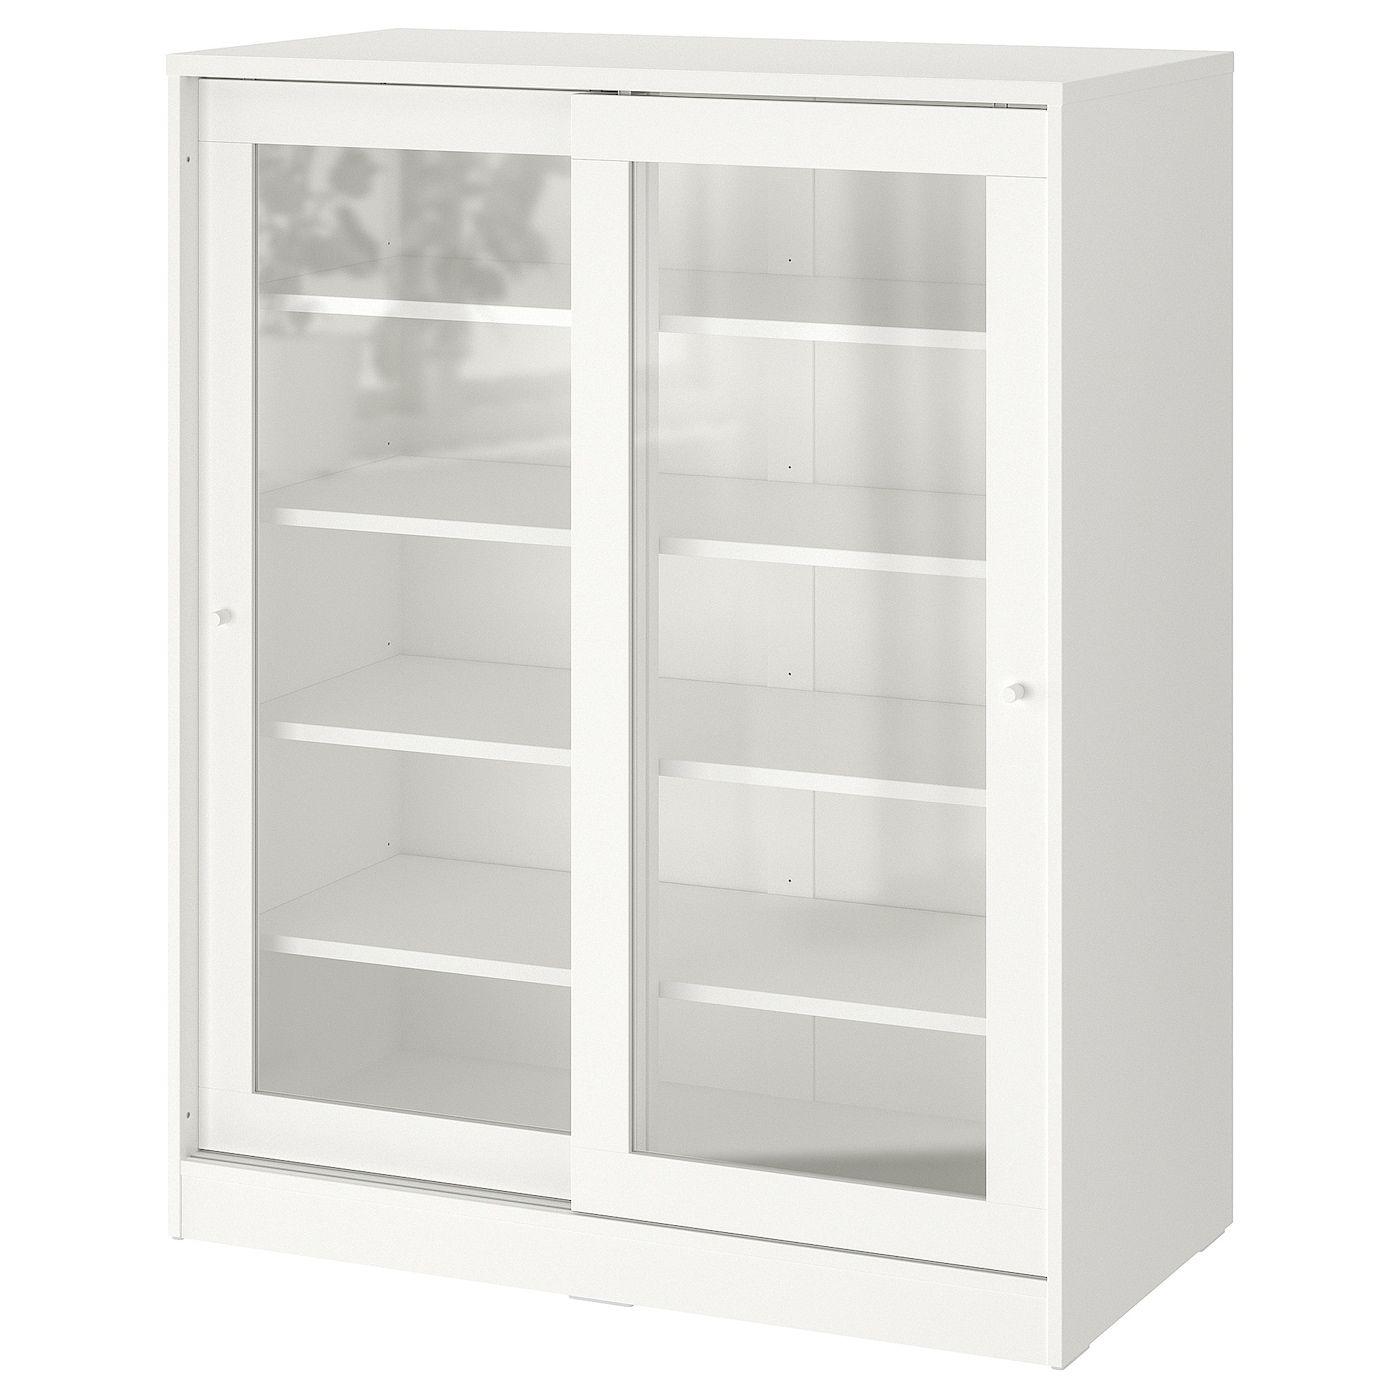 Binari Per Ante Scorrevoli Ikea.Syvde Mobile Con Ante A Vetro Bianco 100x123 Cm Idee Ikea